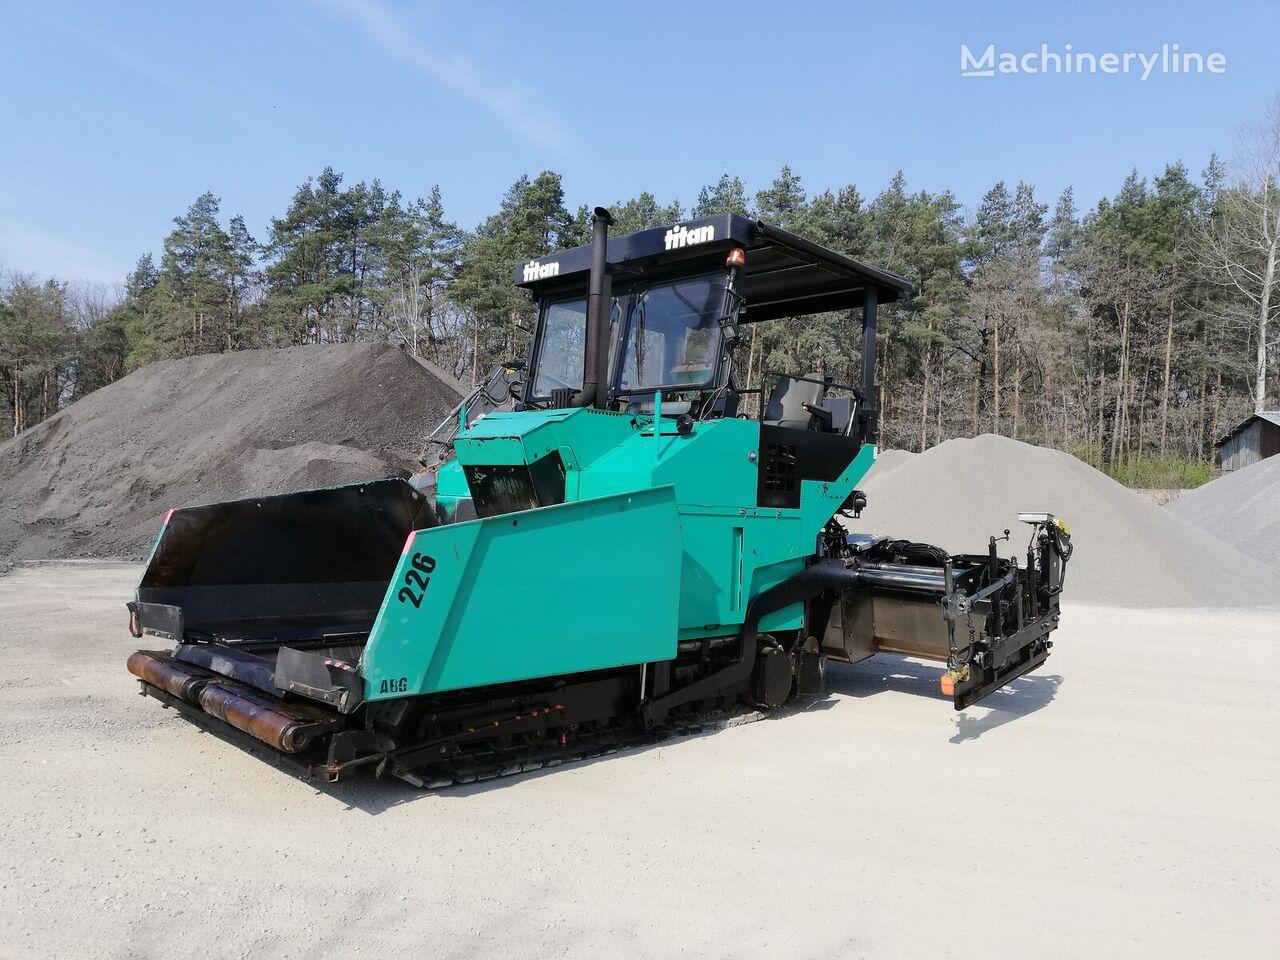 верижен асфалтополагач ABG Titan 226